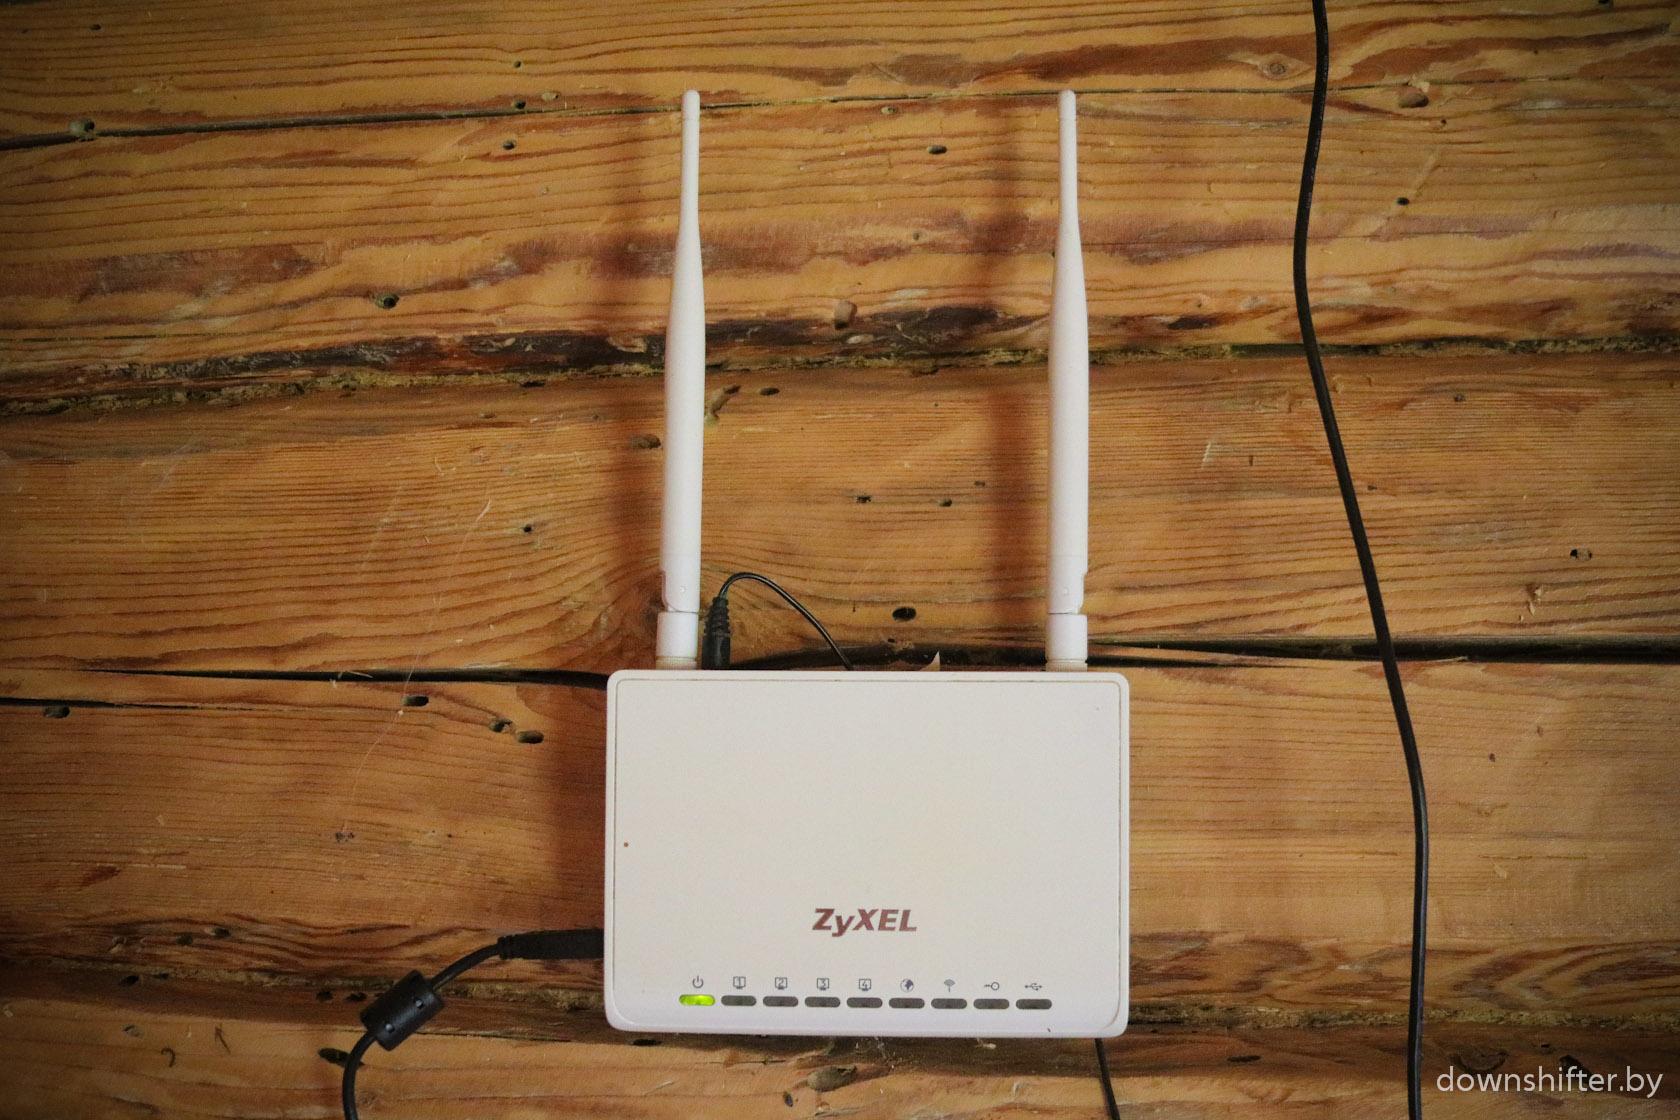 как провести интернет в глухую деревню